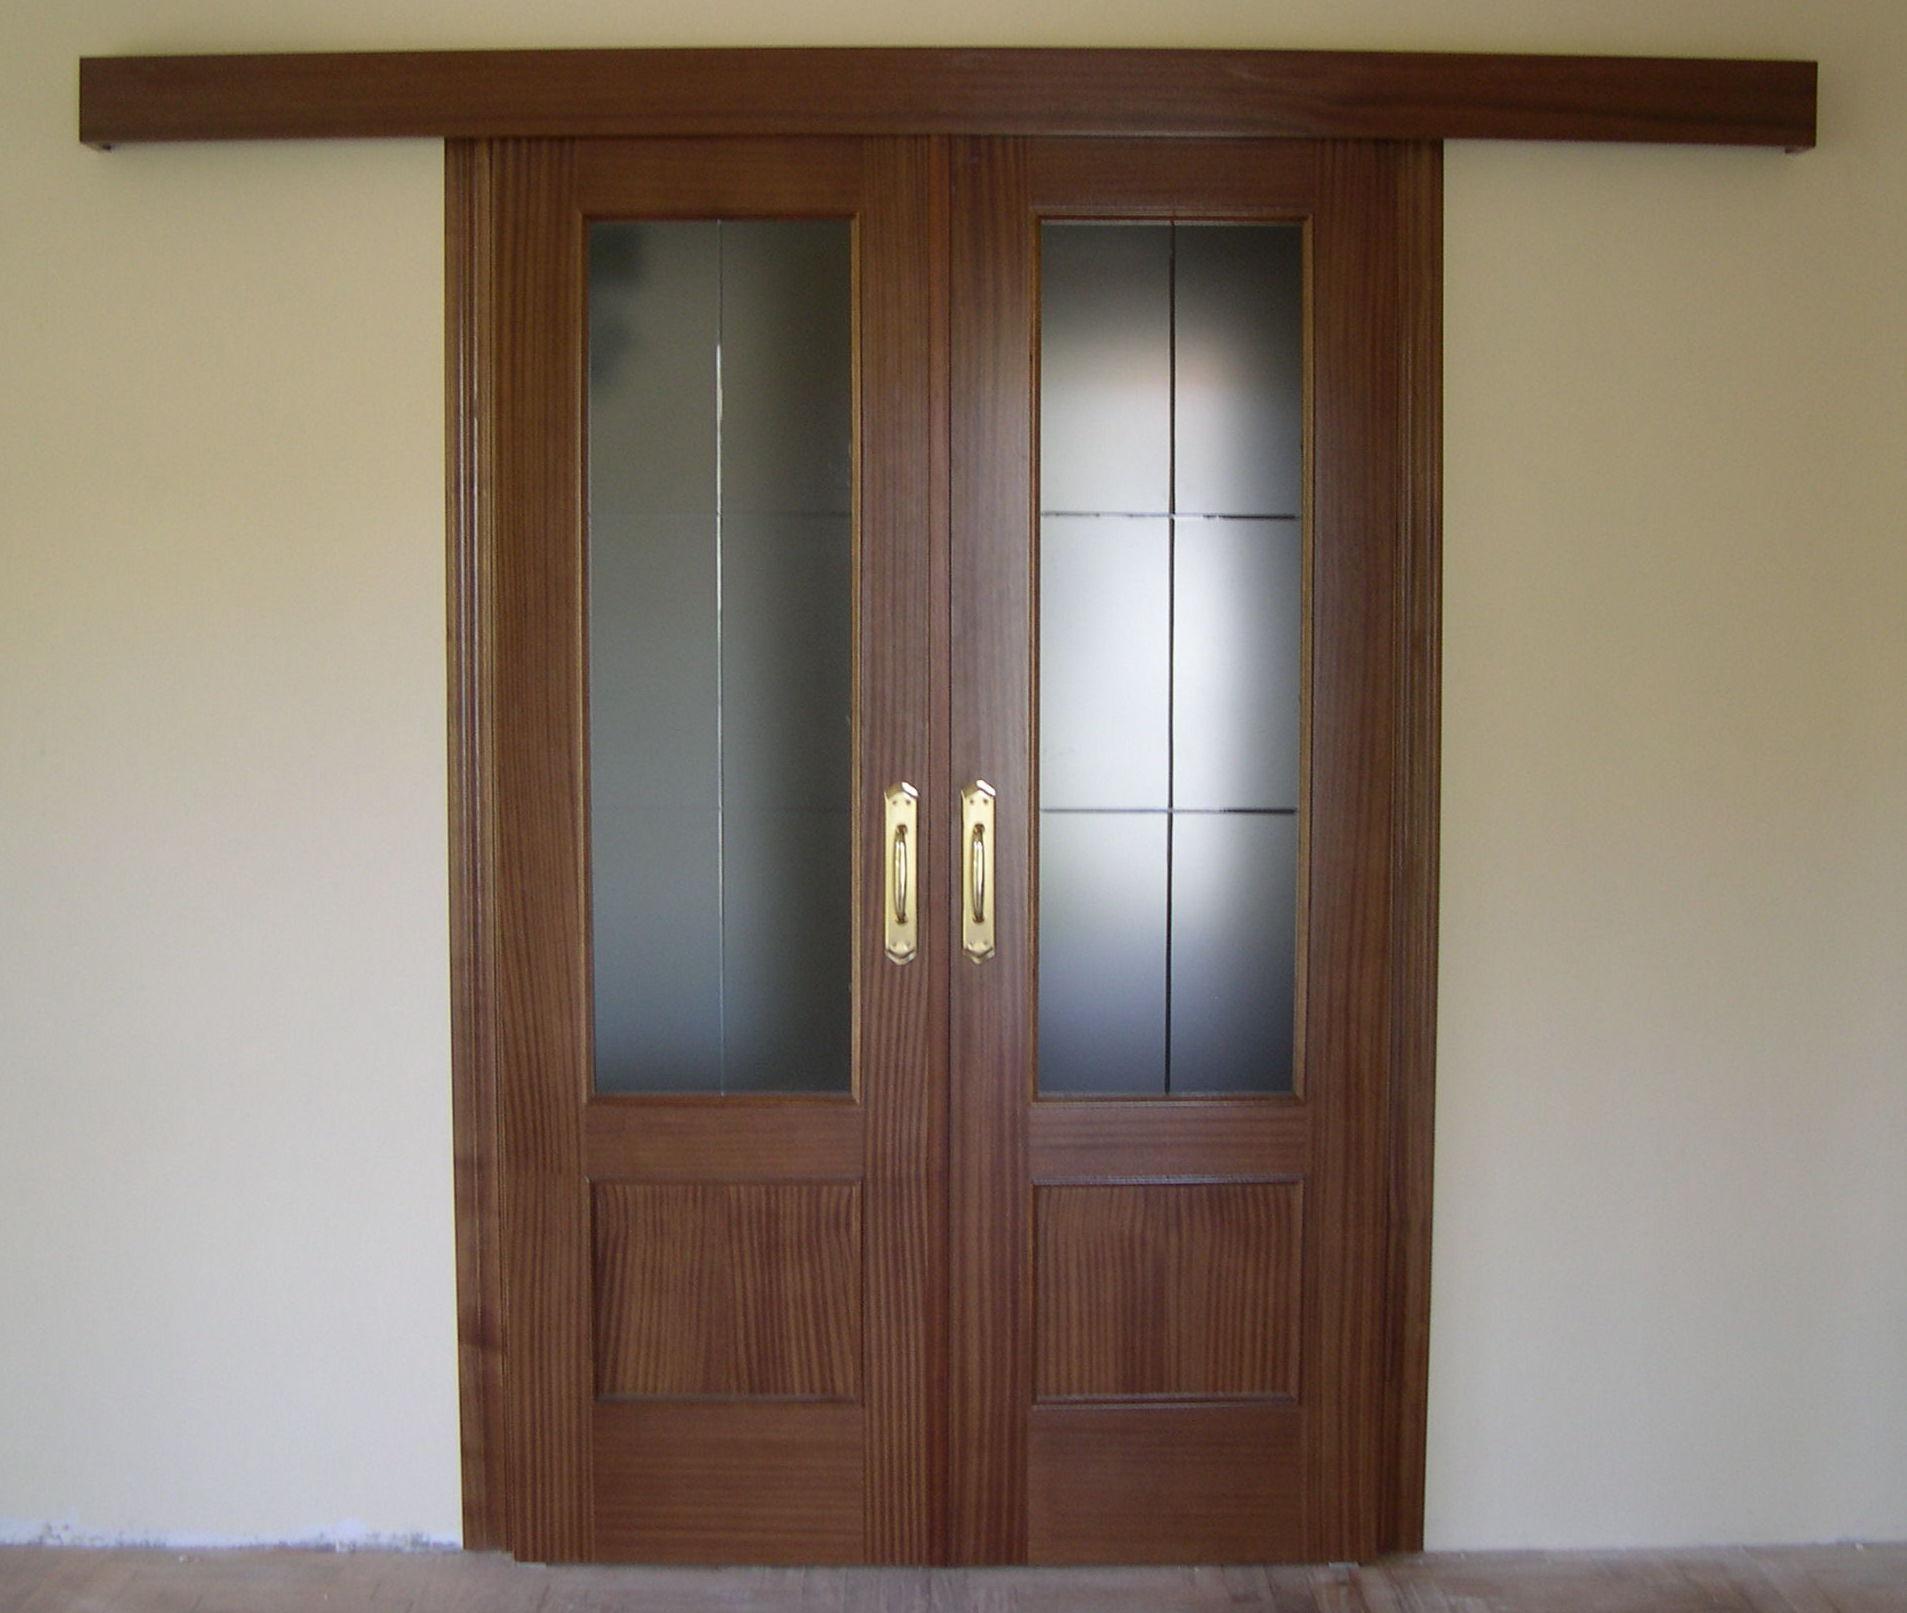 Corredera tipo klein cat logo de puertas y armarios videco - Puertas interior asturias ...